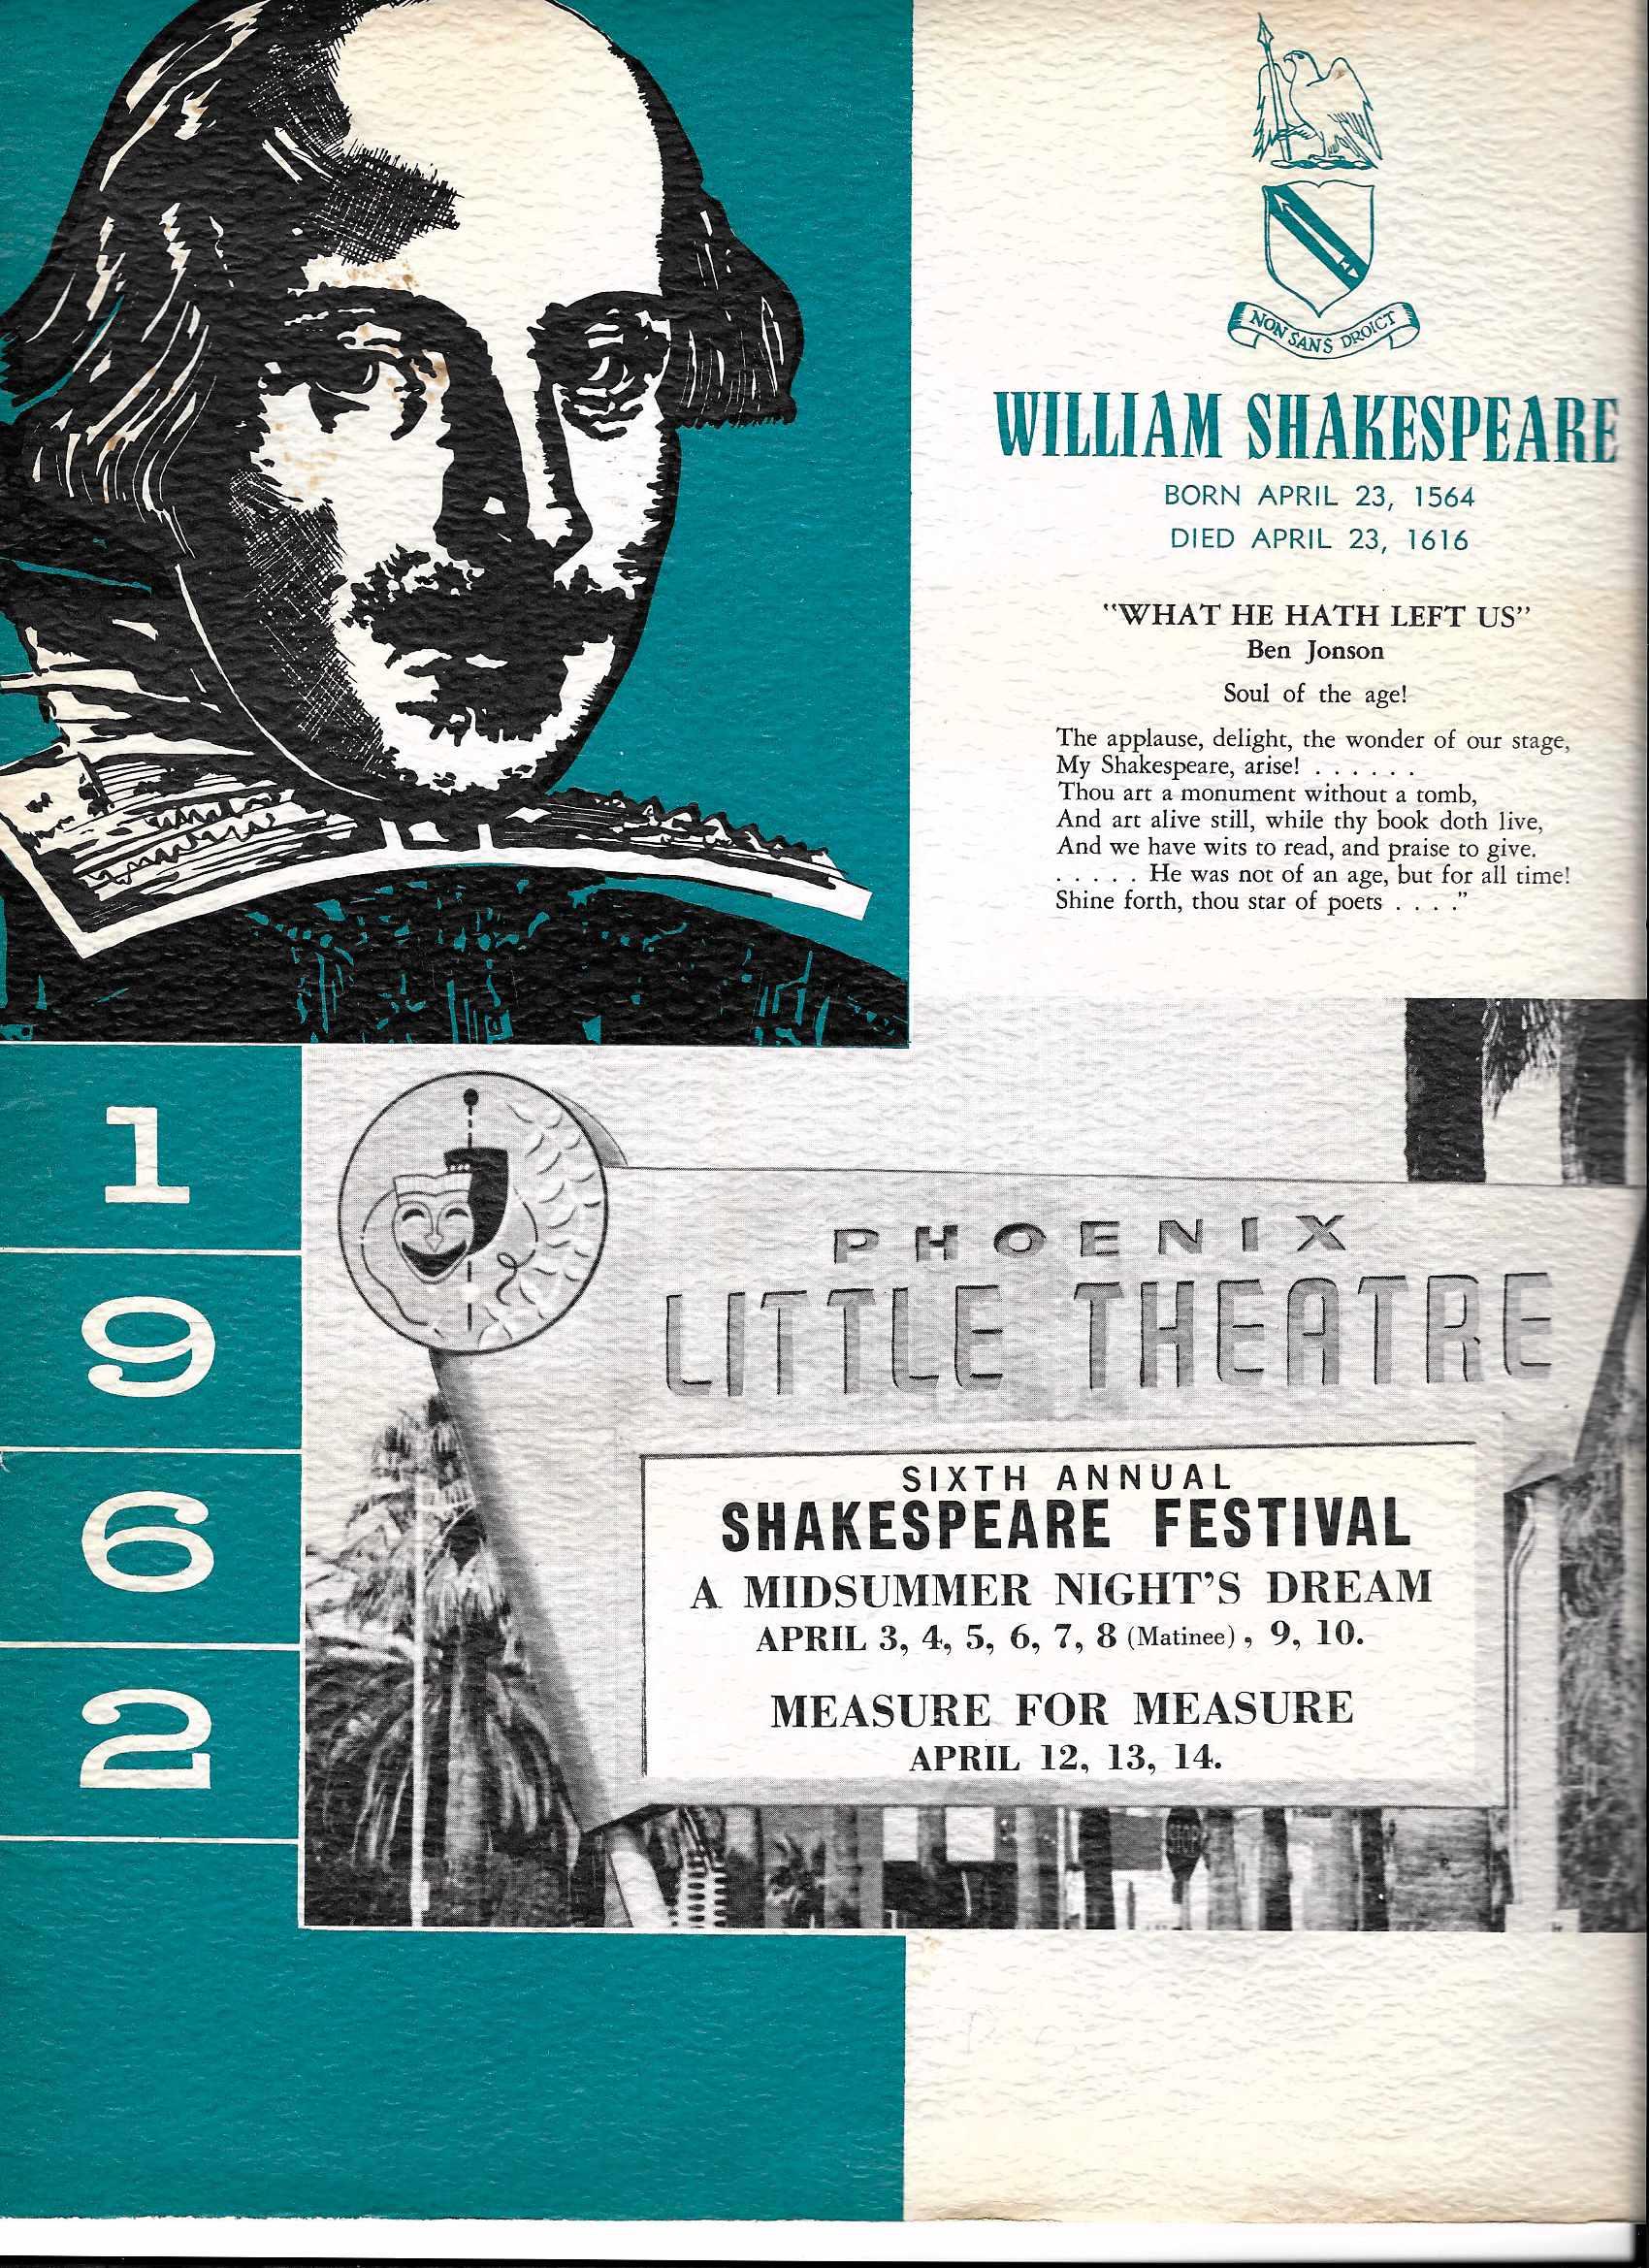 Shakespeare festival - 2